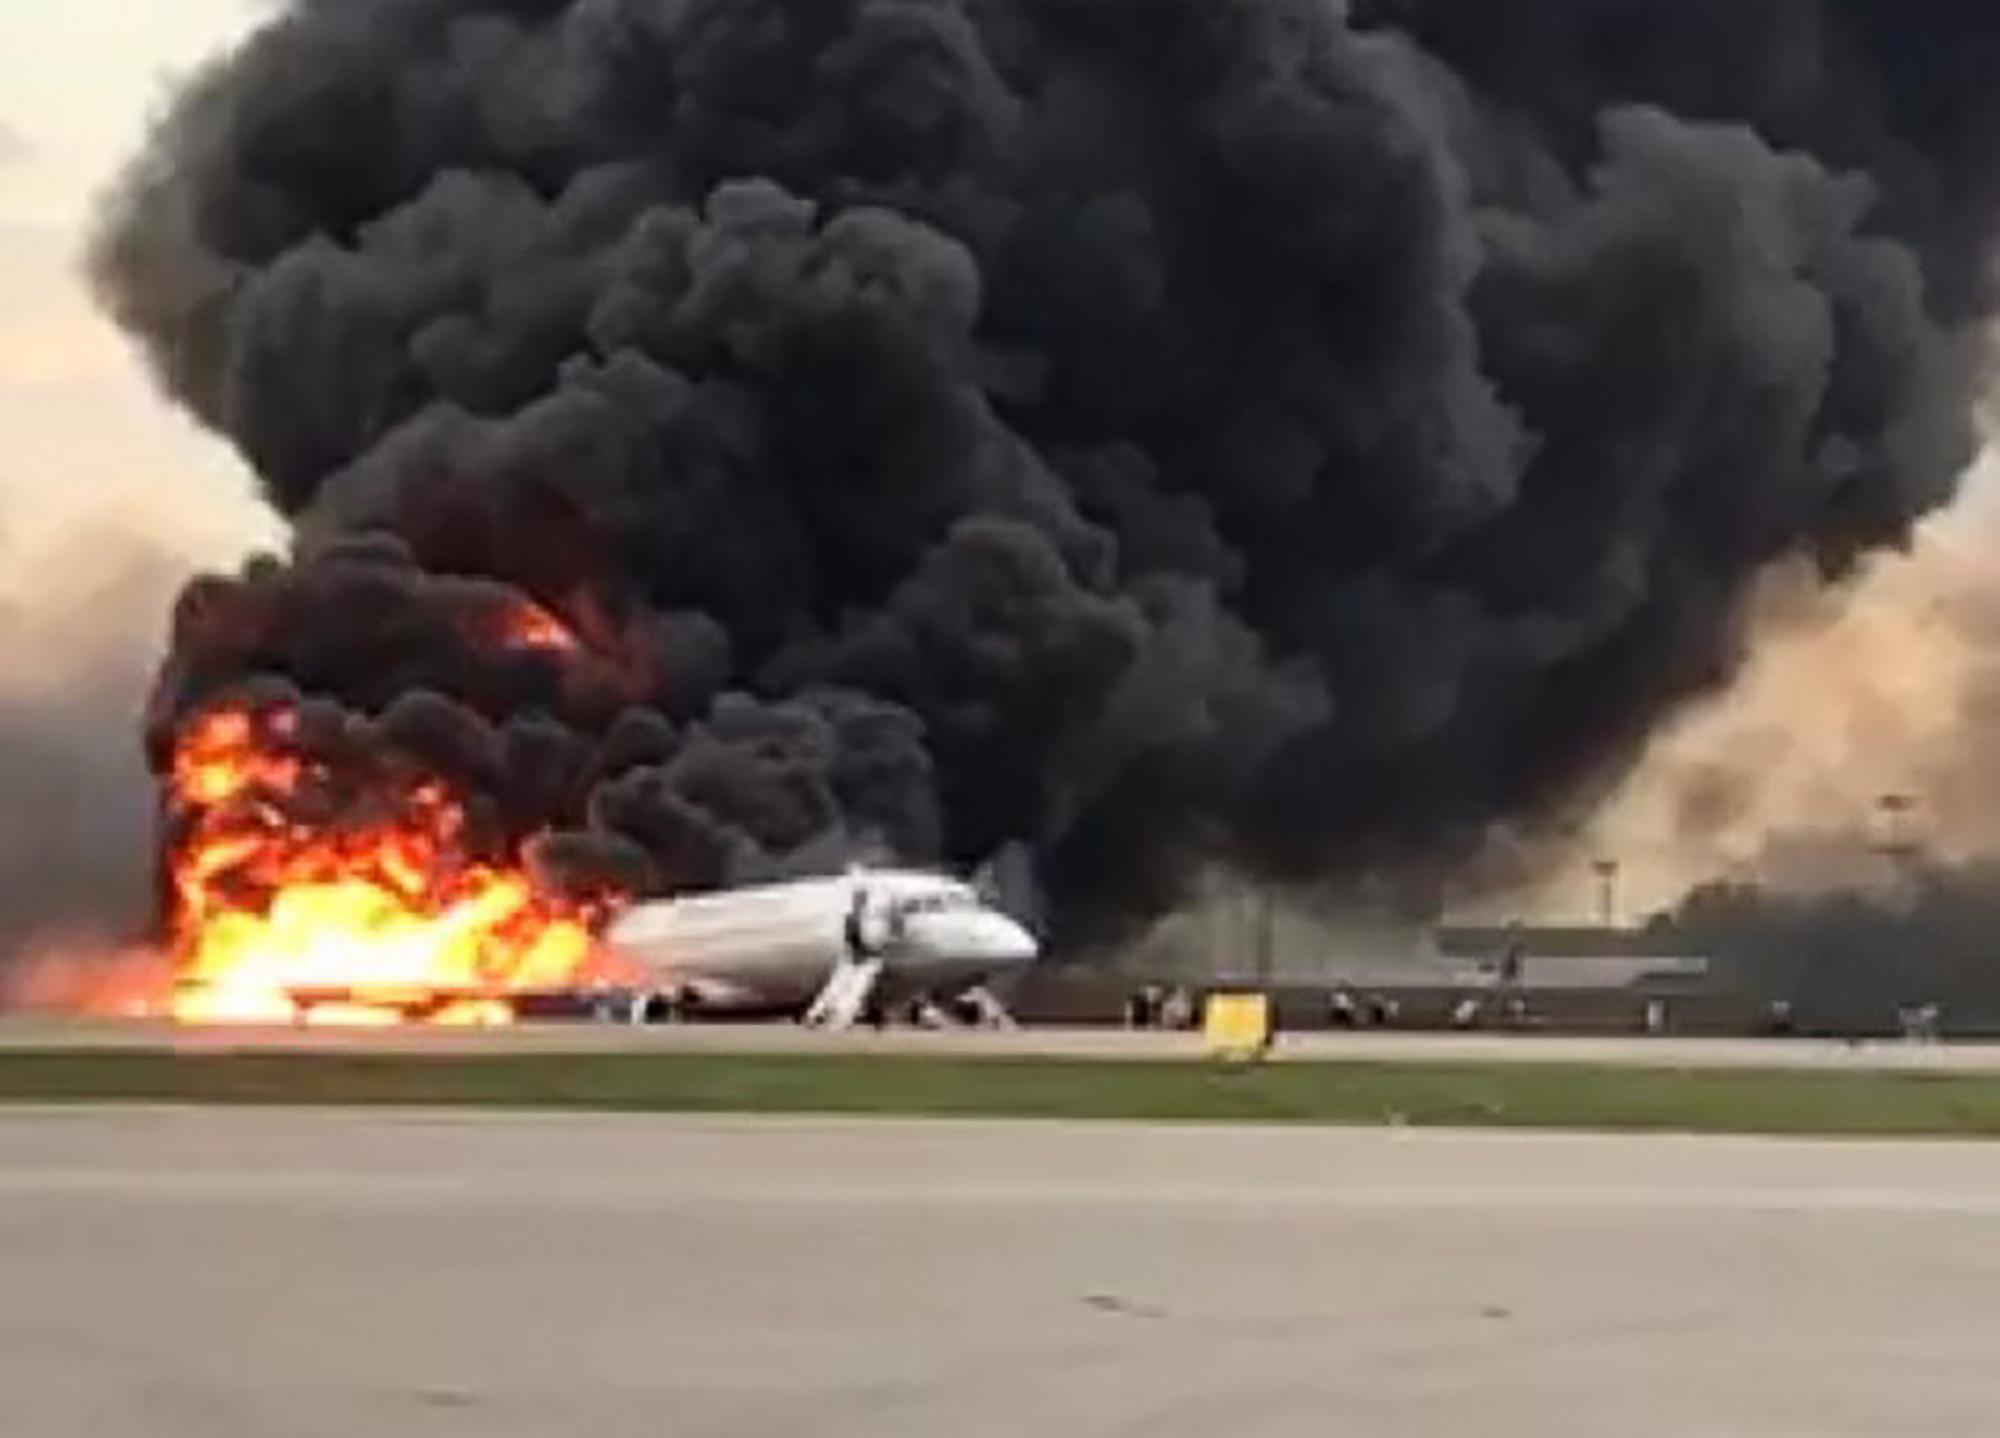 Különbizottság vizsgálja a 41 ember halálát okozó seremetyjevói légi katasztrófa okait